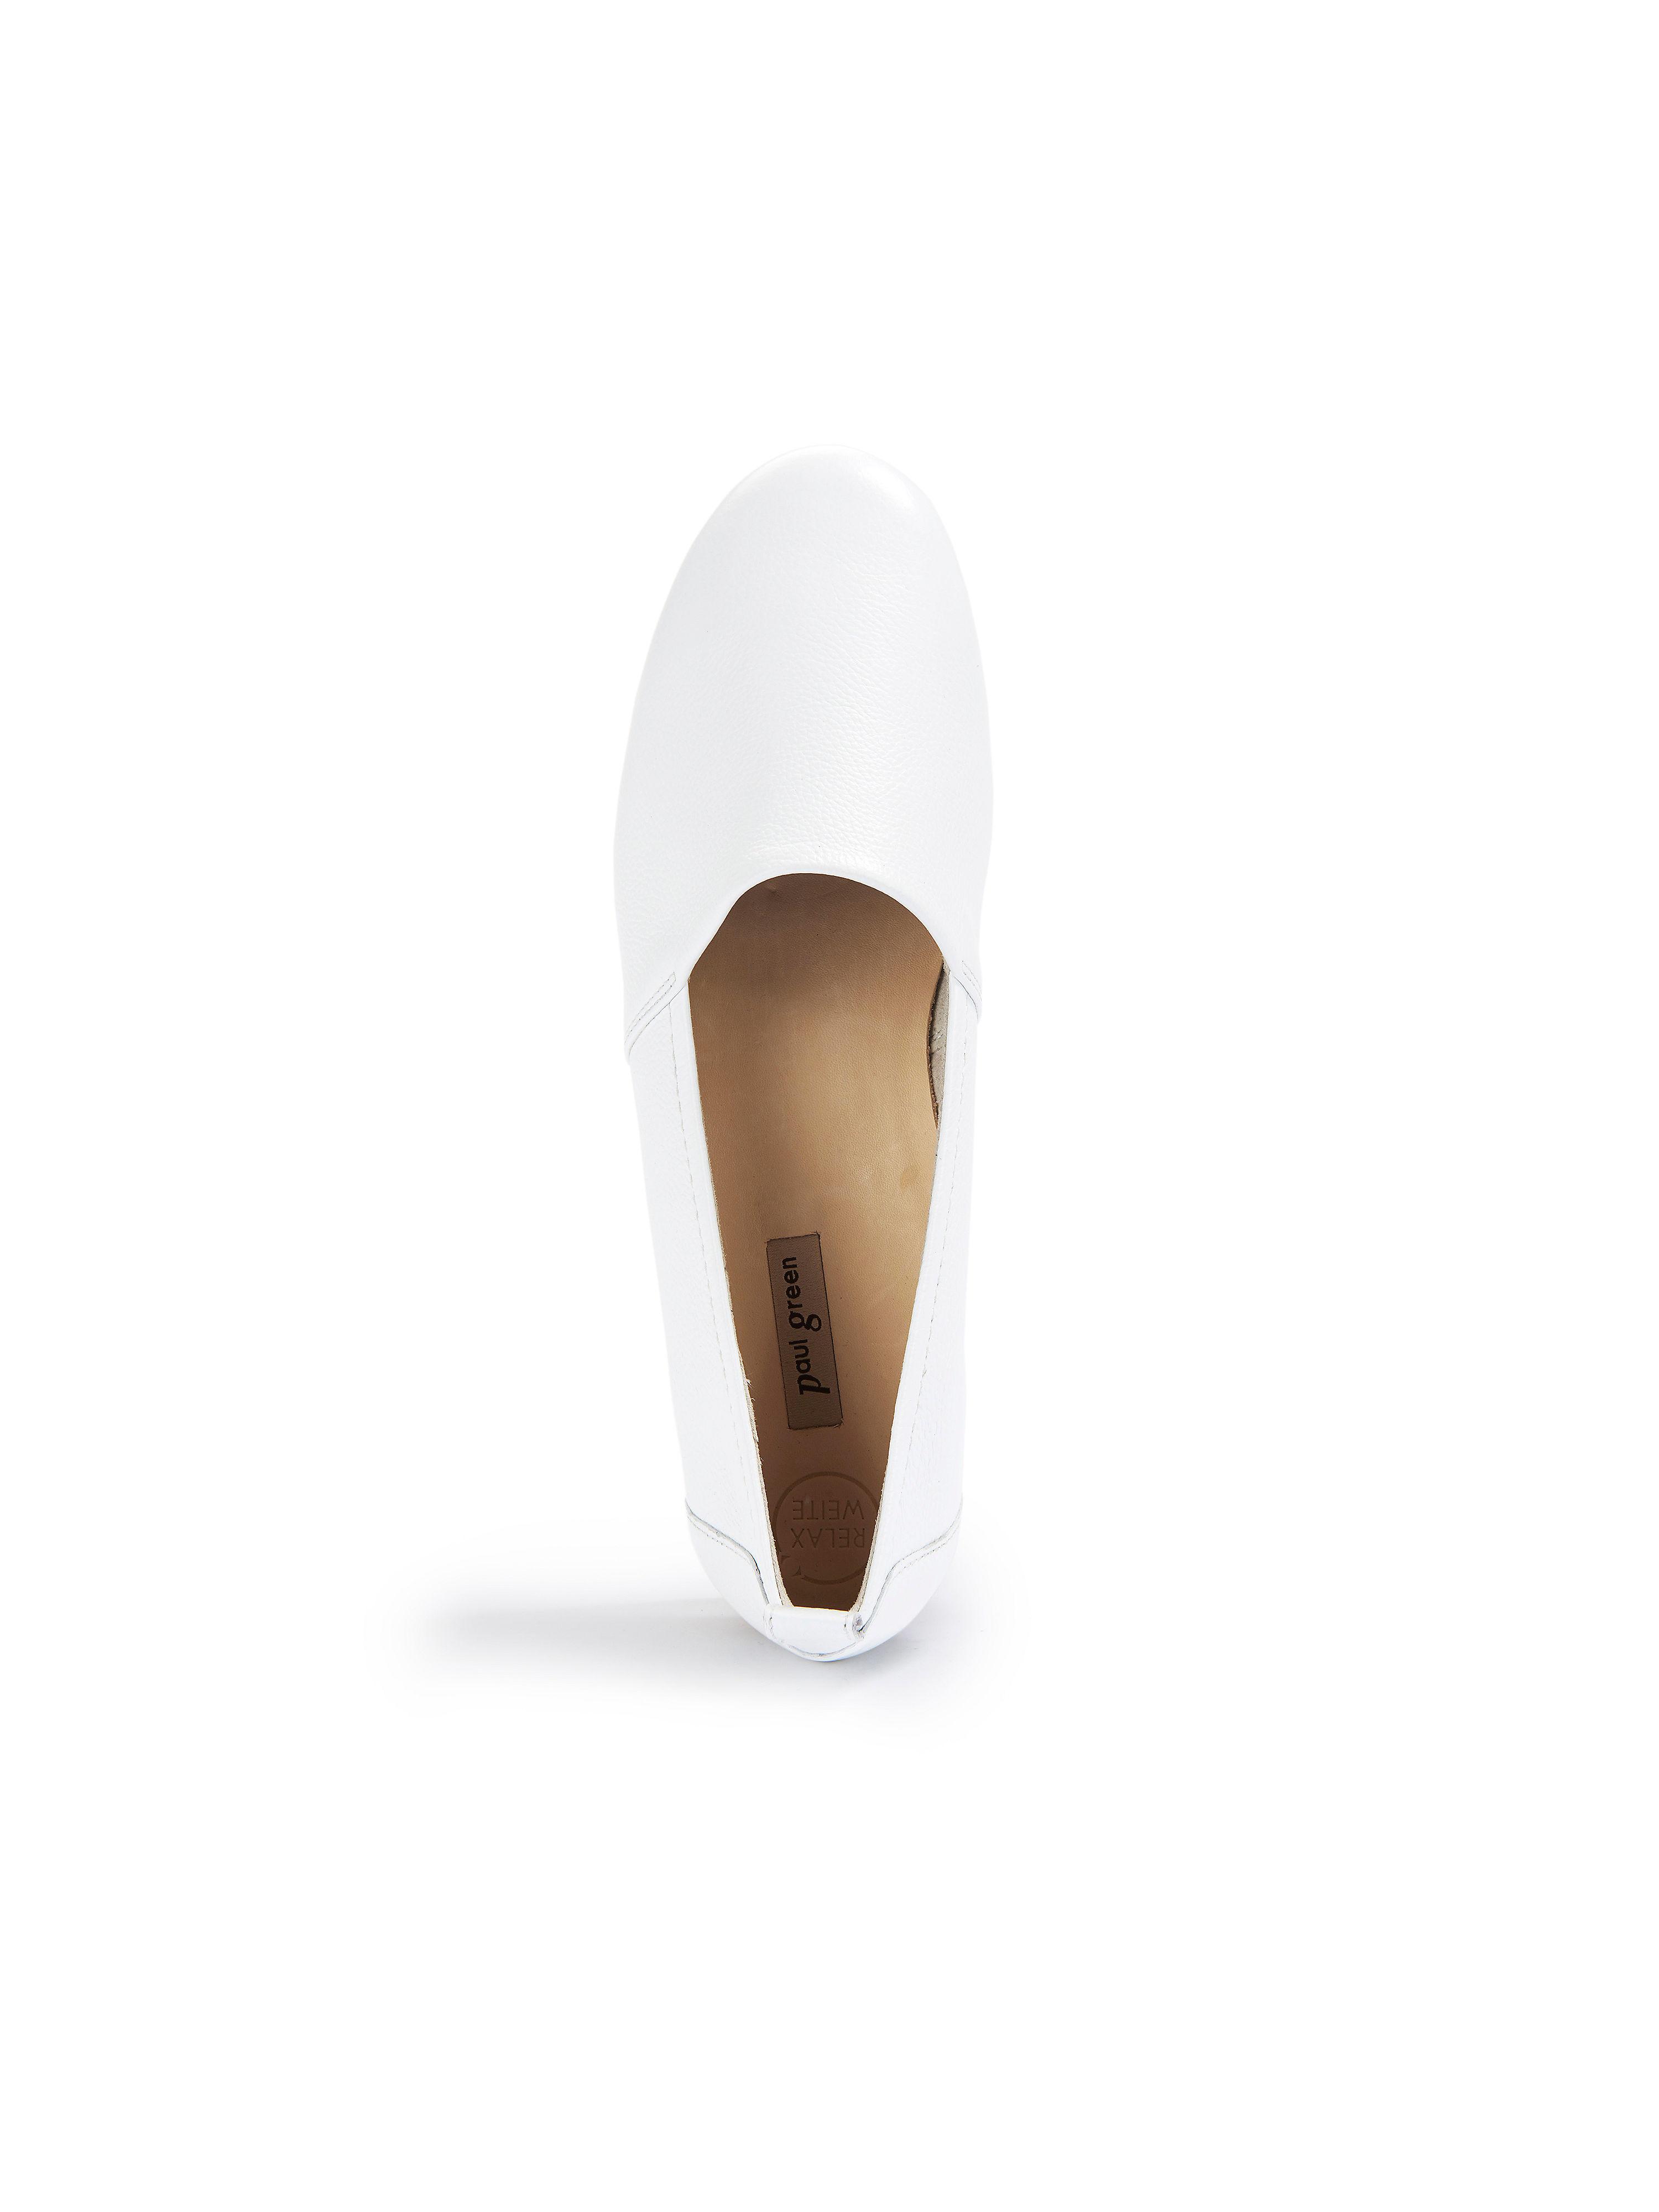 Paul Grün - Slipper - Weiß Gute Qualität beliebte beliebte beliebte Schuhe 145ef9